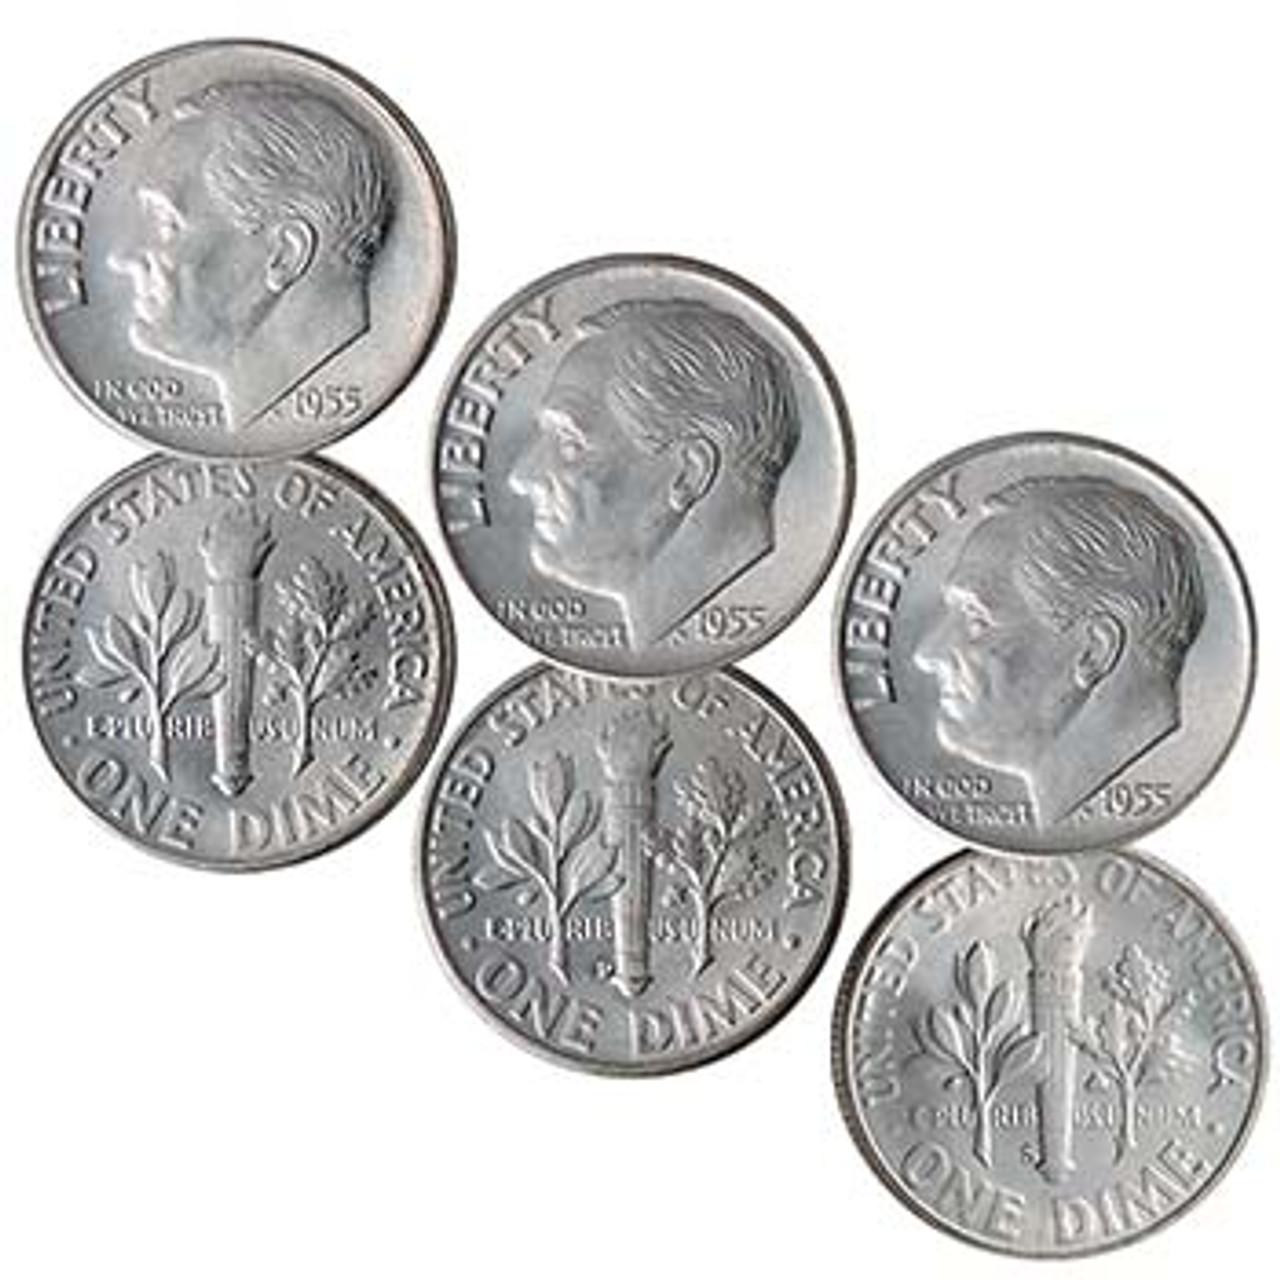 Three Silver Treasures